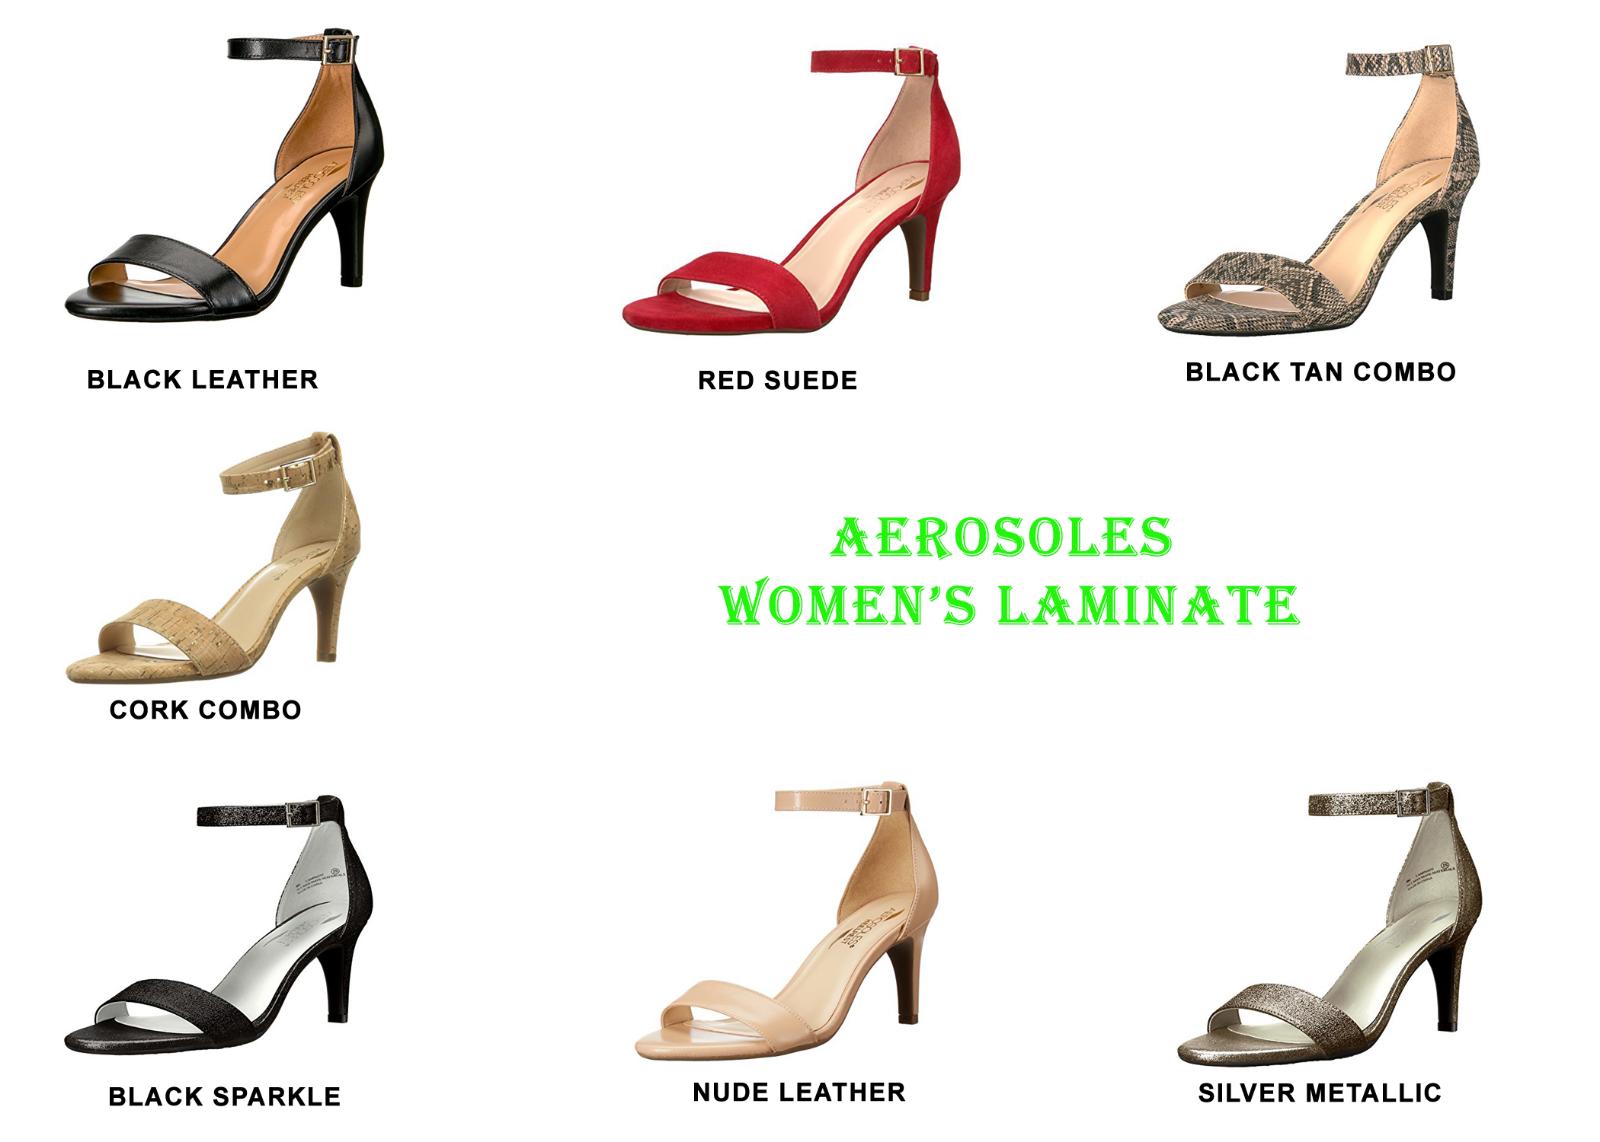 3b88ec604bfd Women s Aerosoles Laminate Ankle Strap Sandal 10 M Silver Metallic ...